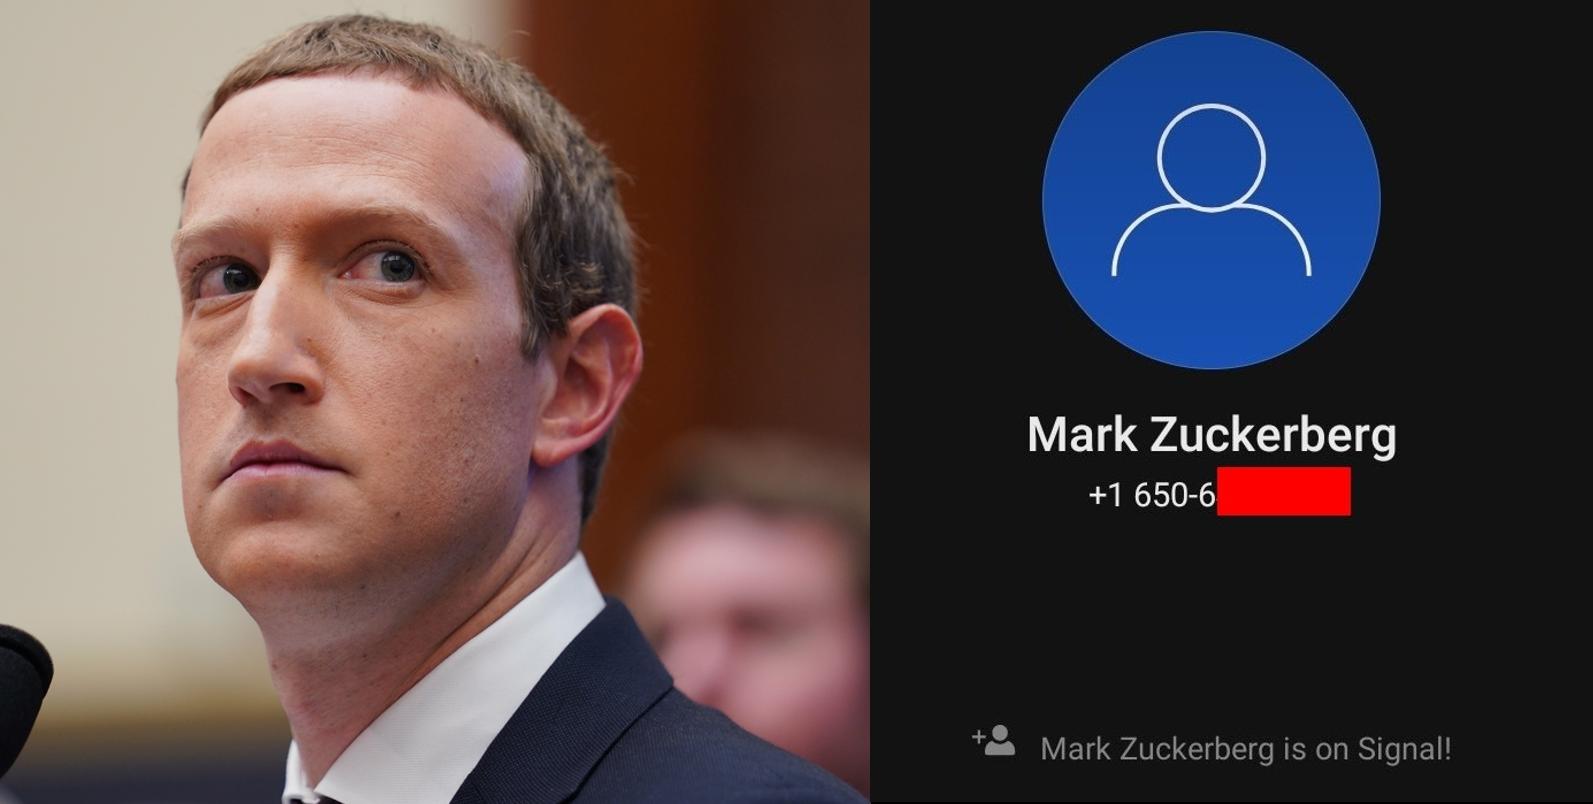 Nici Zuckerberg nu are încredere în aplicația WhatsApp, pe care o deține. S-a înregistrat pe o platformă rivală